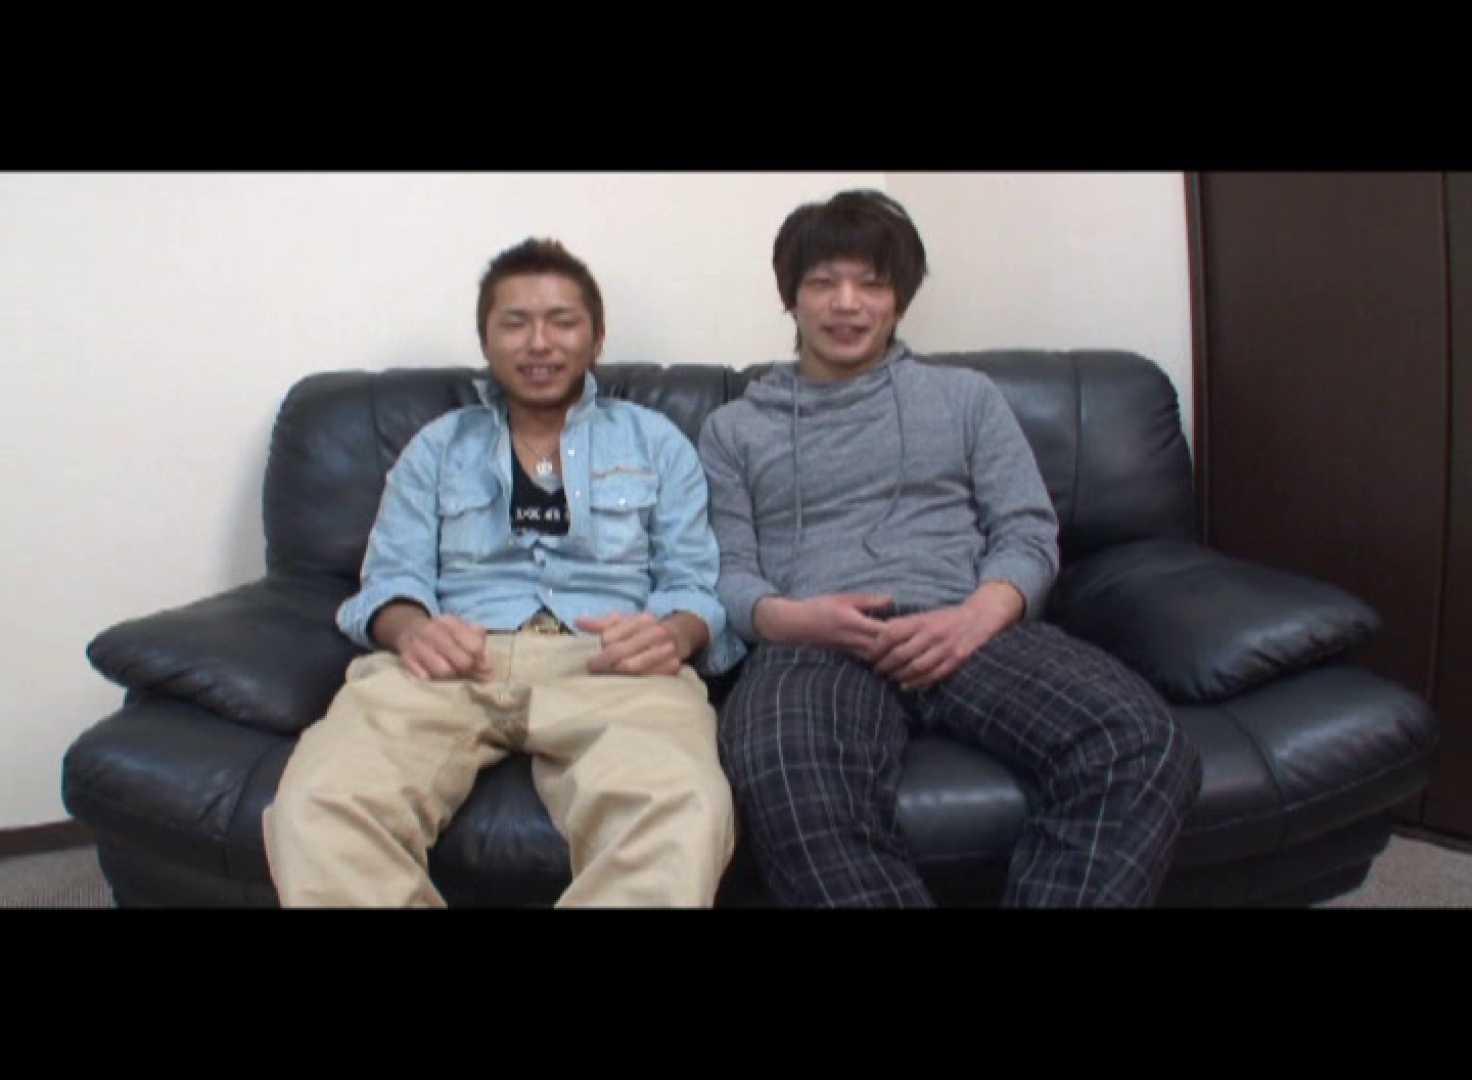 イケメンモッコリウォッチング!!No.09 私服がかっこいい ゲイエロ動画 70枚 24